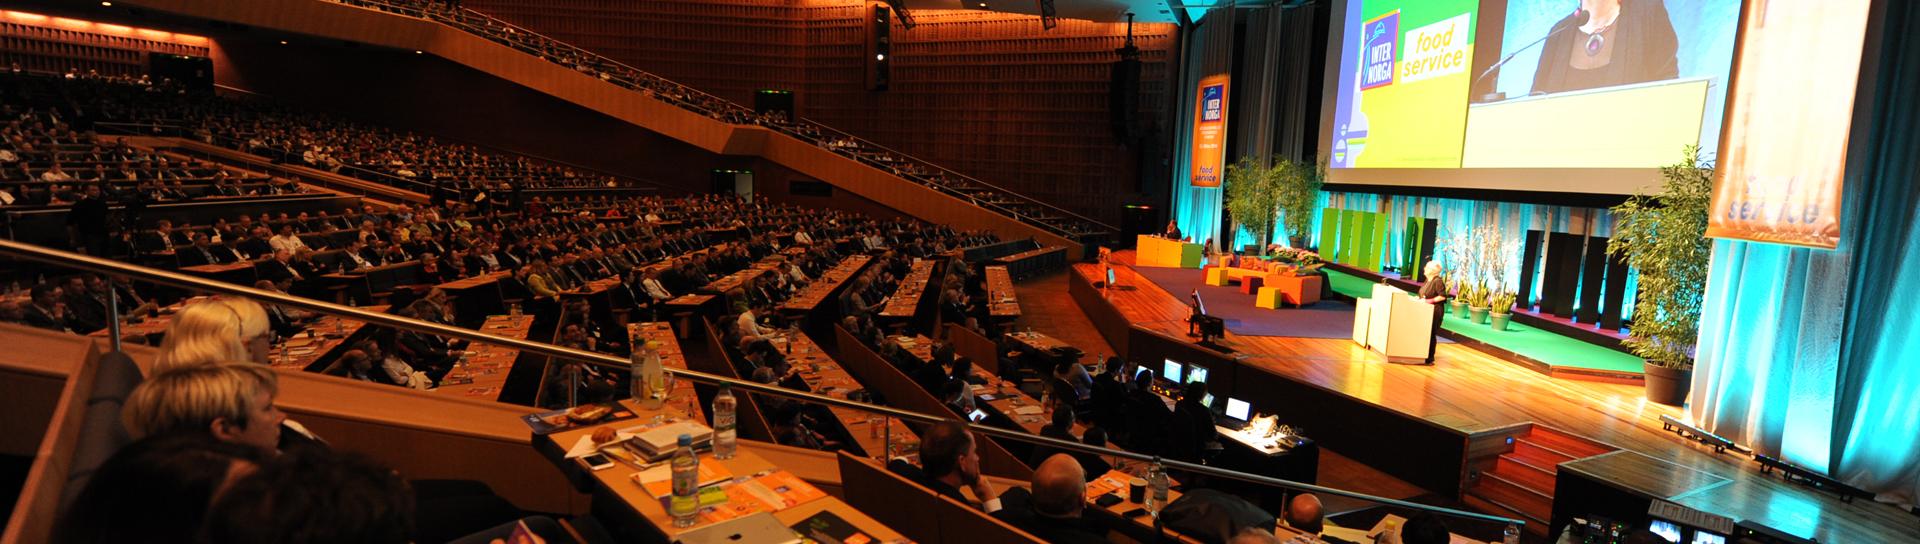 kongresse